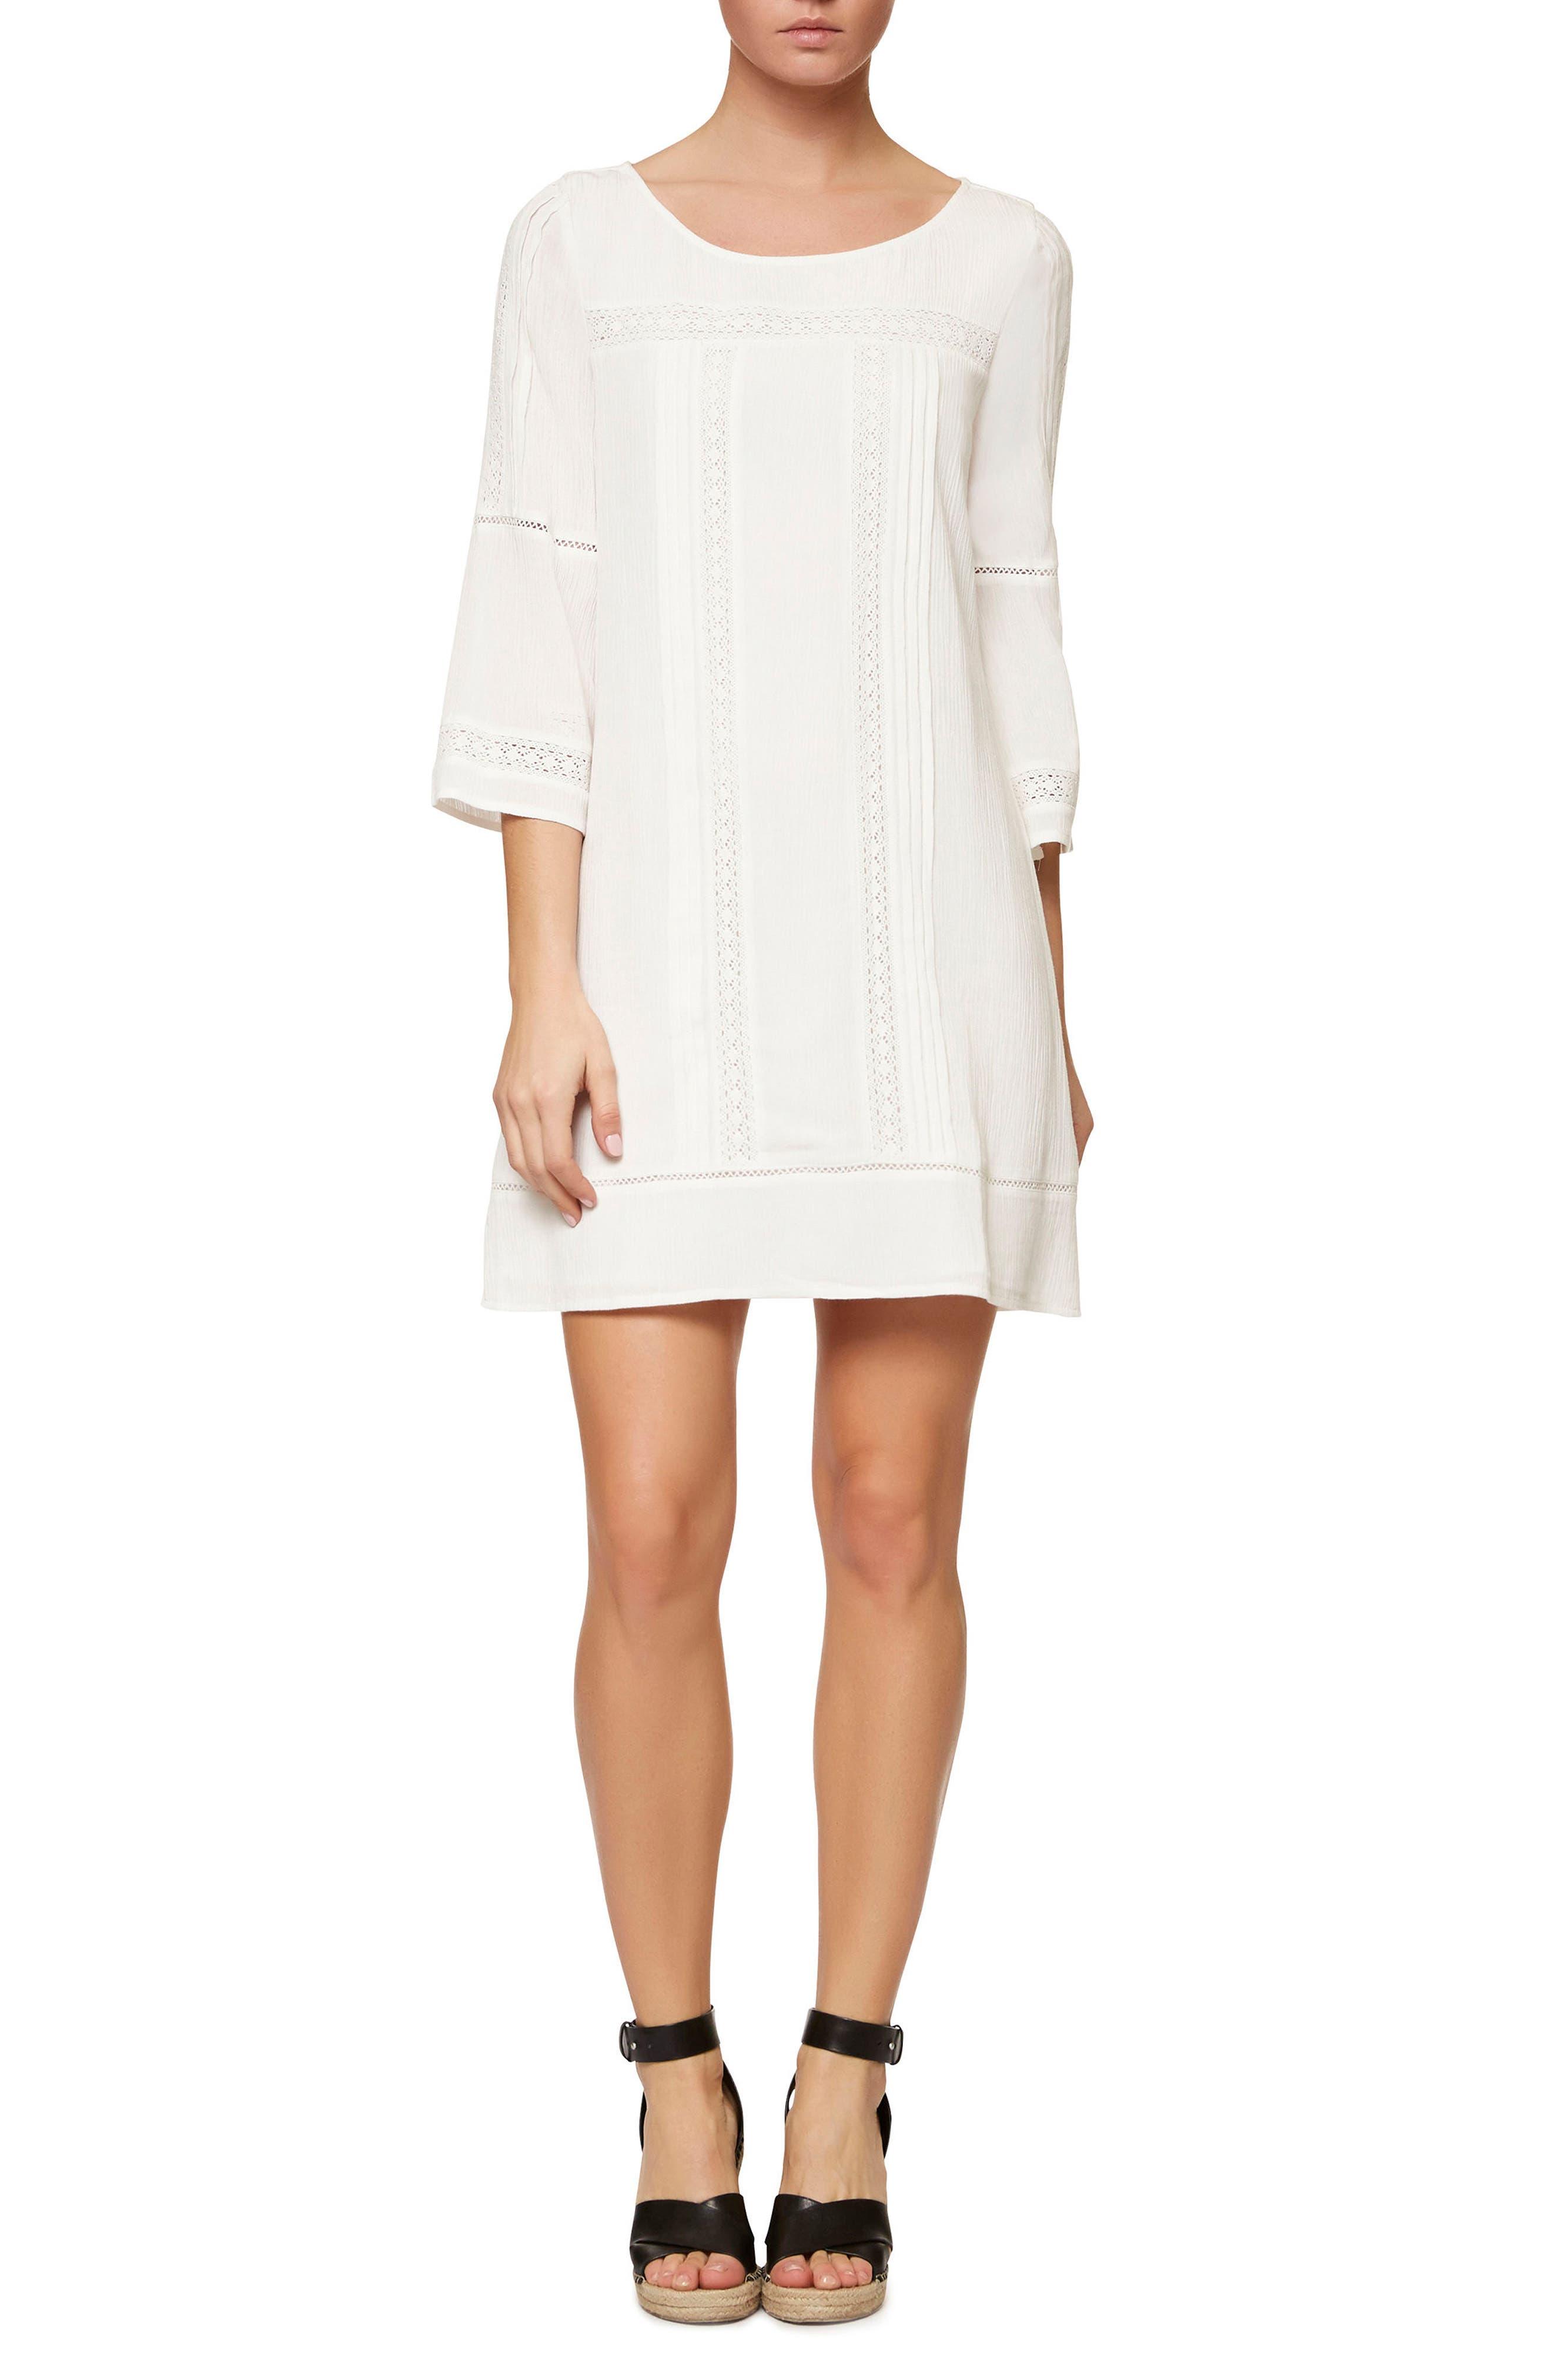 Main Image - Sanctuary Lace Trim Shift Dress